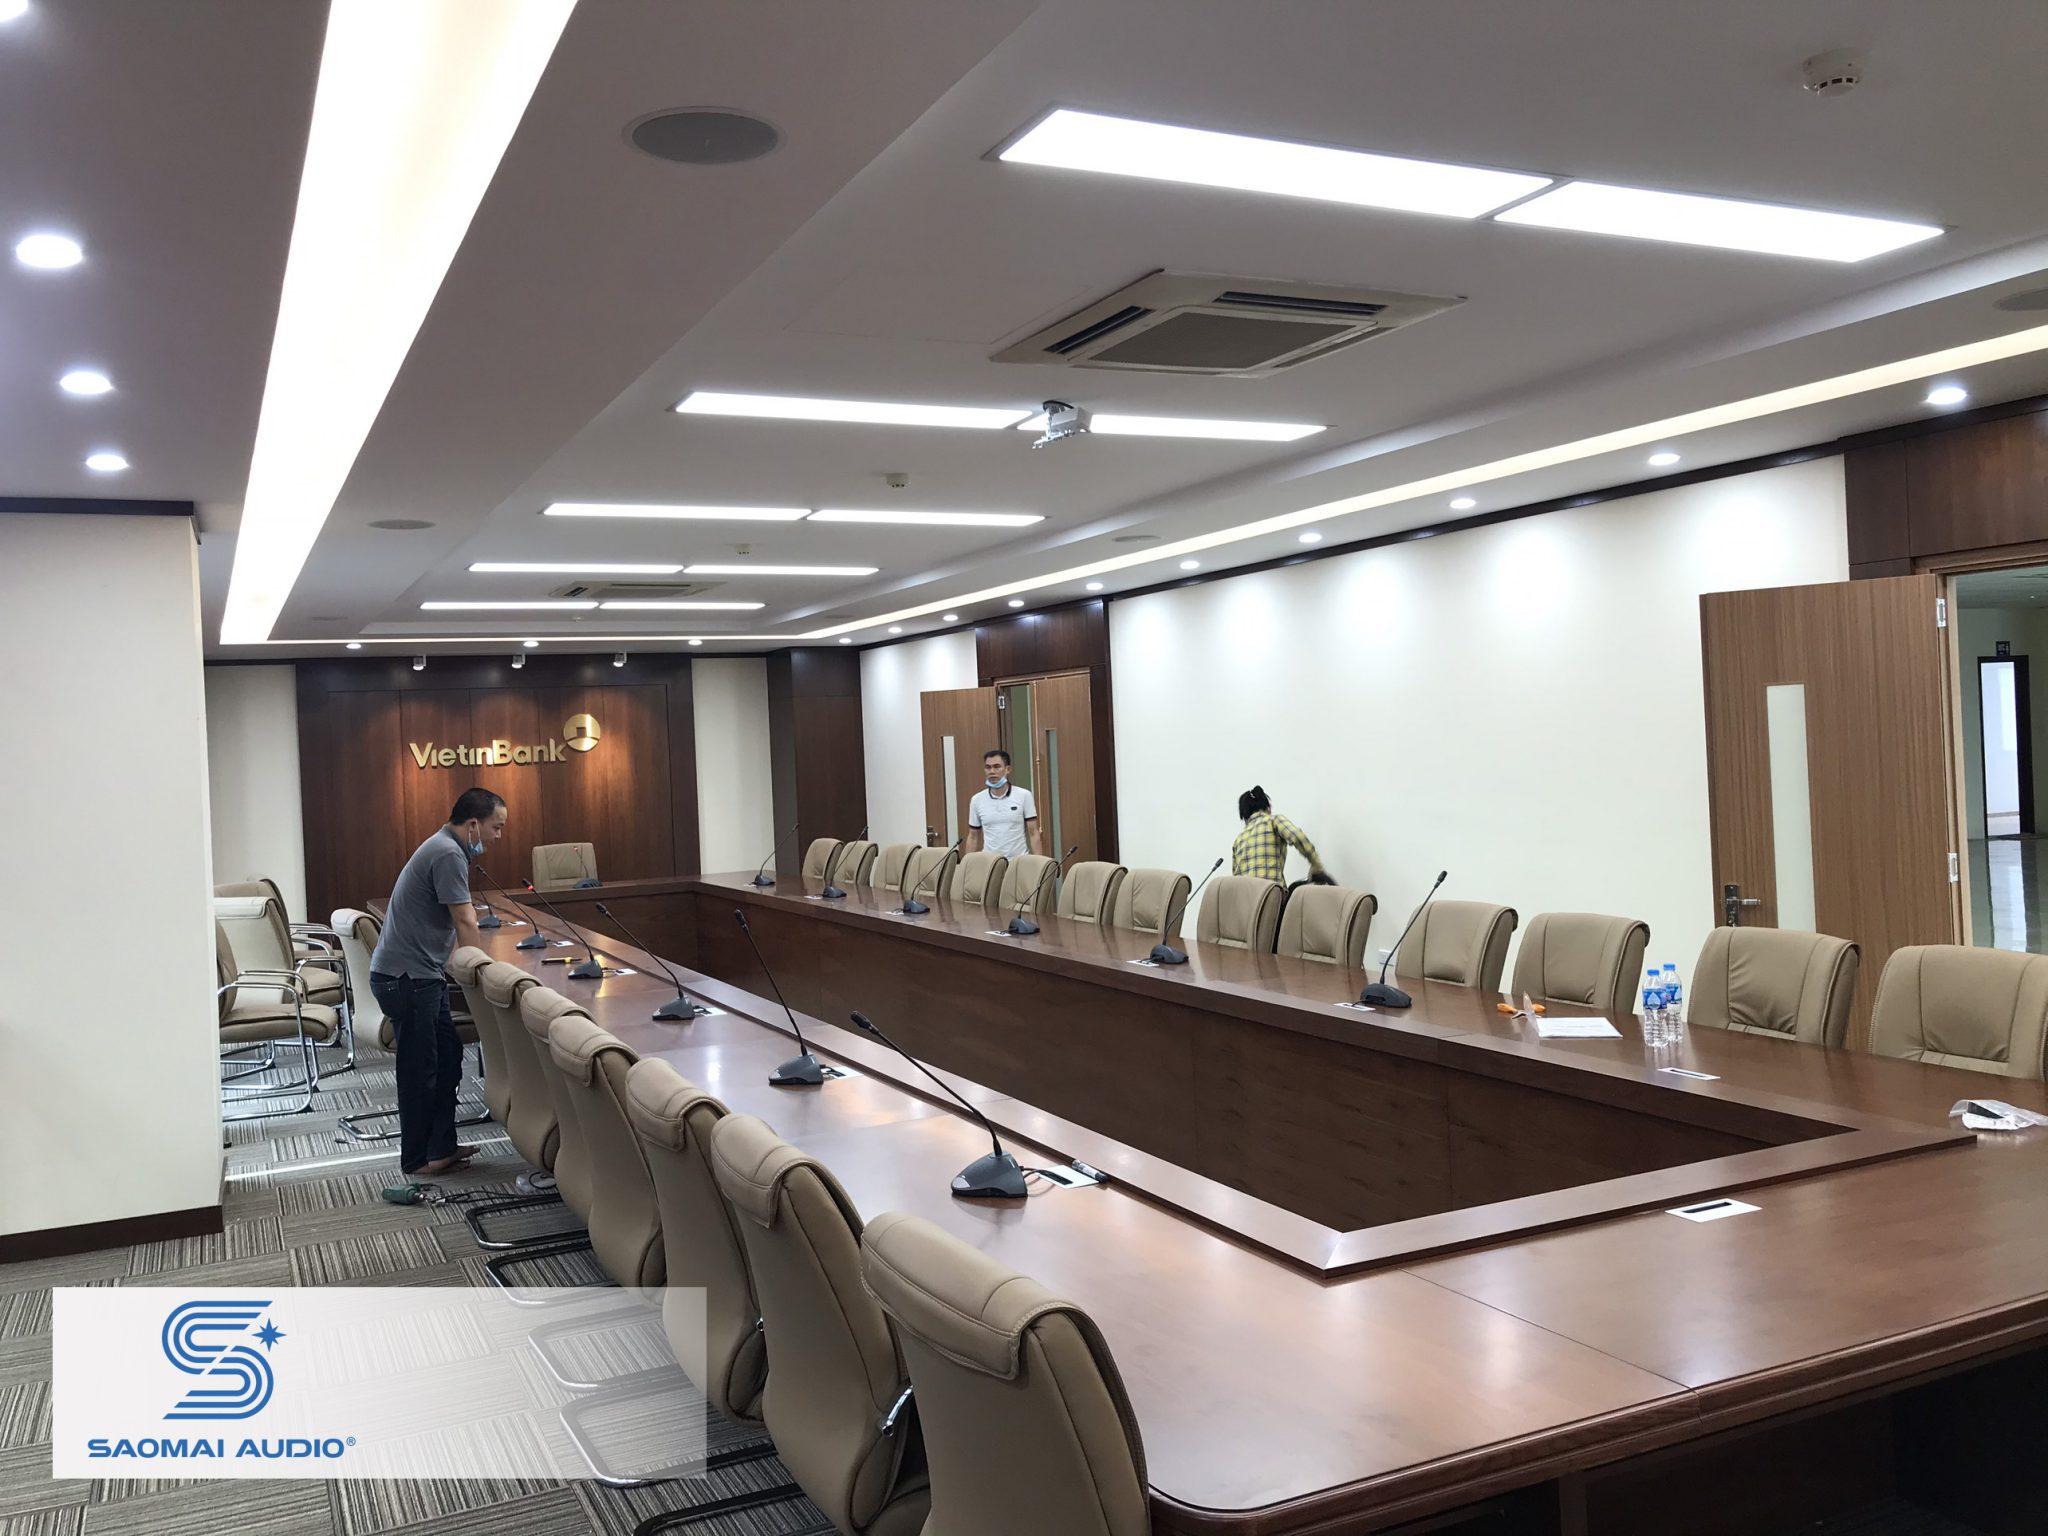 Lắp đặt hệ thống âm thanh phòng họp tại Ngân hàng Vietinbank